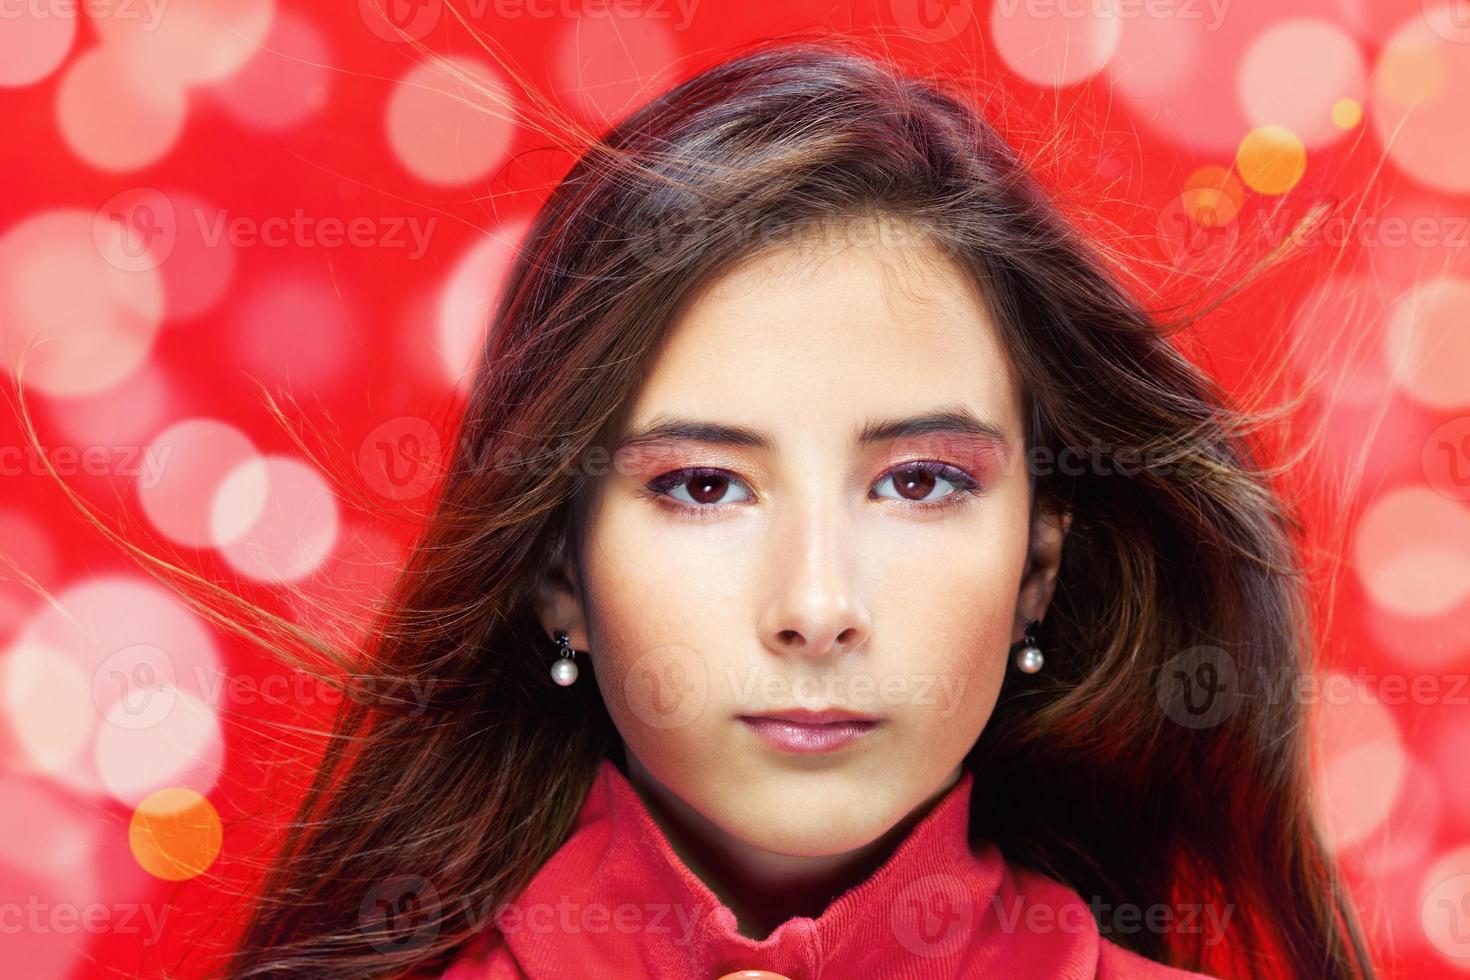 mode portrait de belle fille aux longs cheveux bruns photo